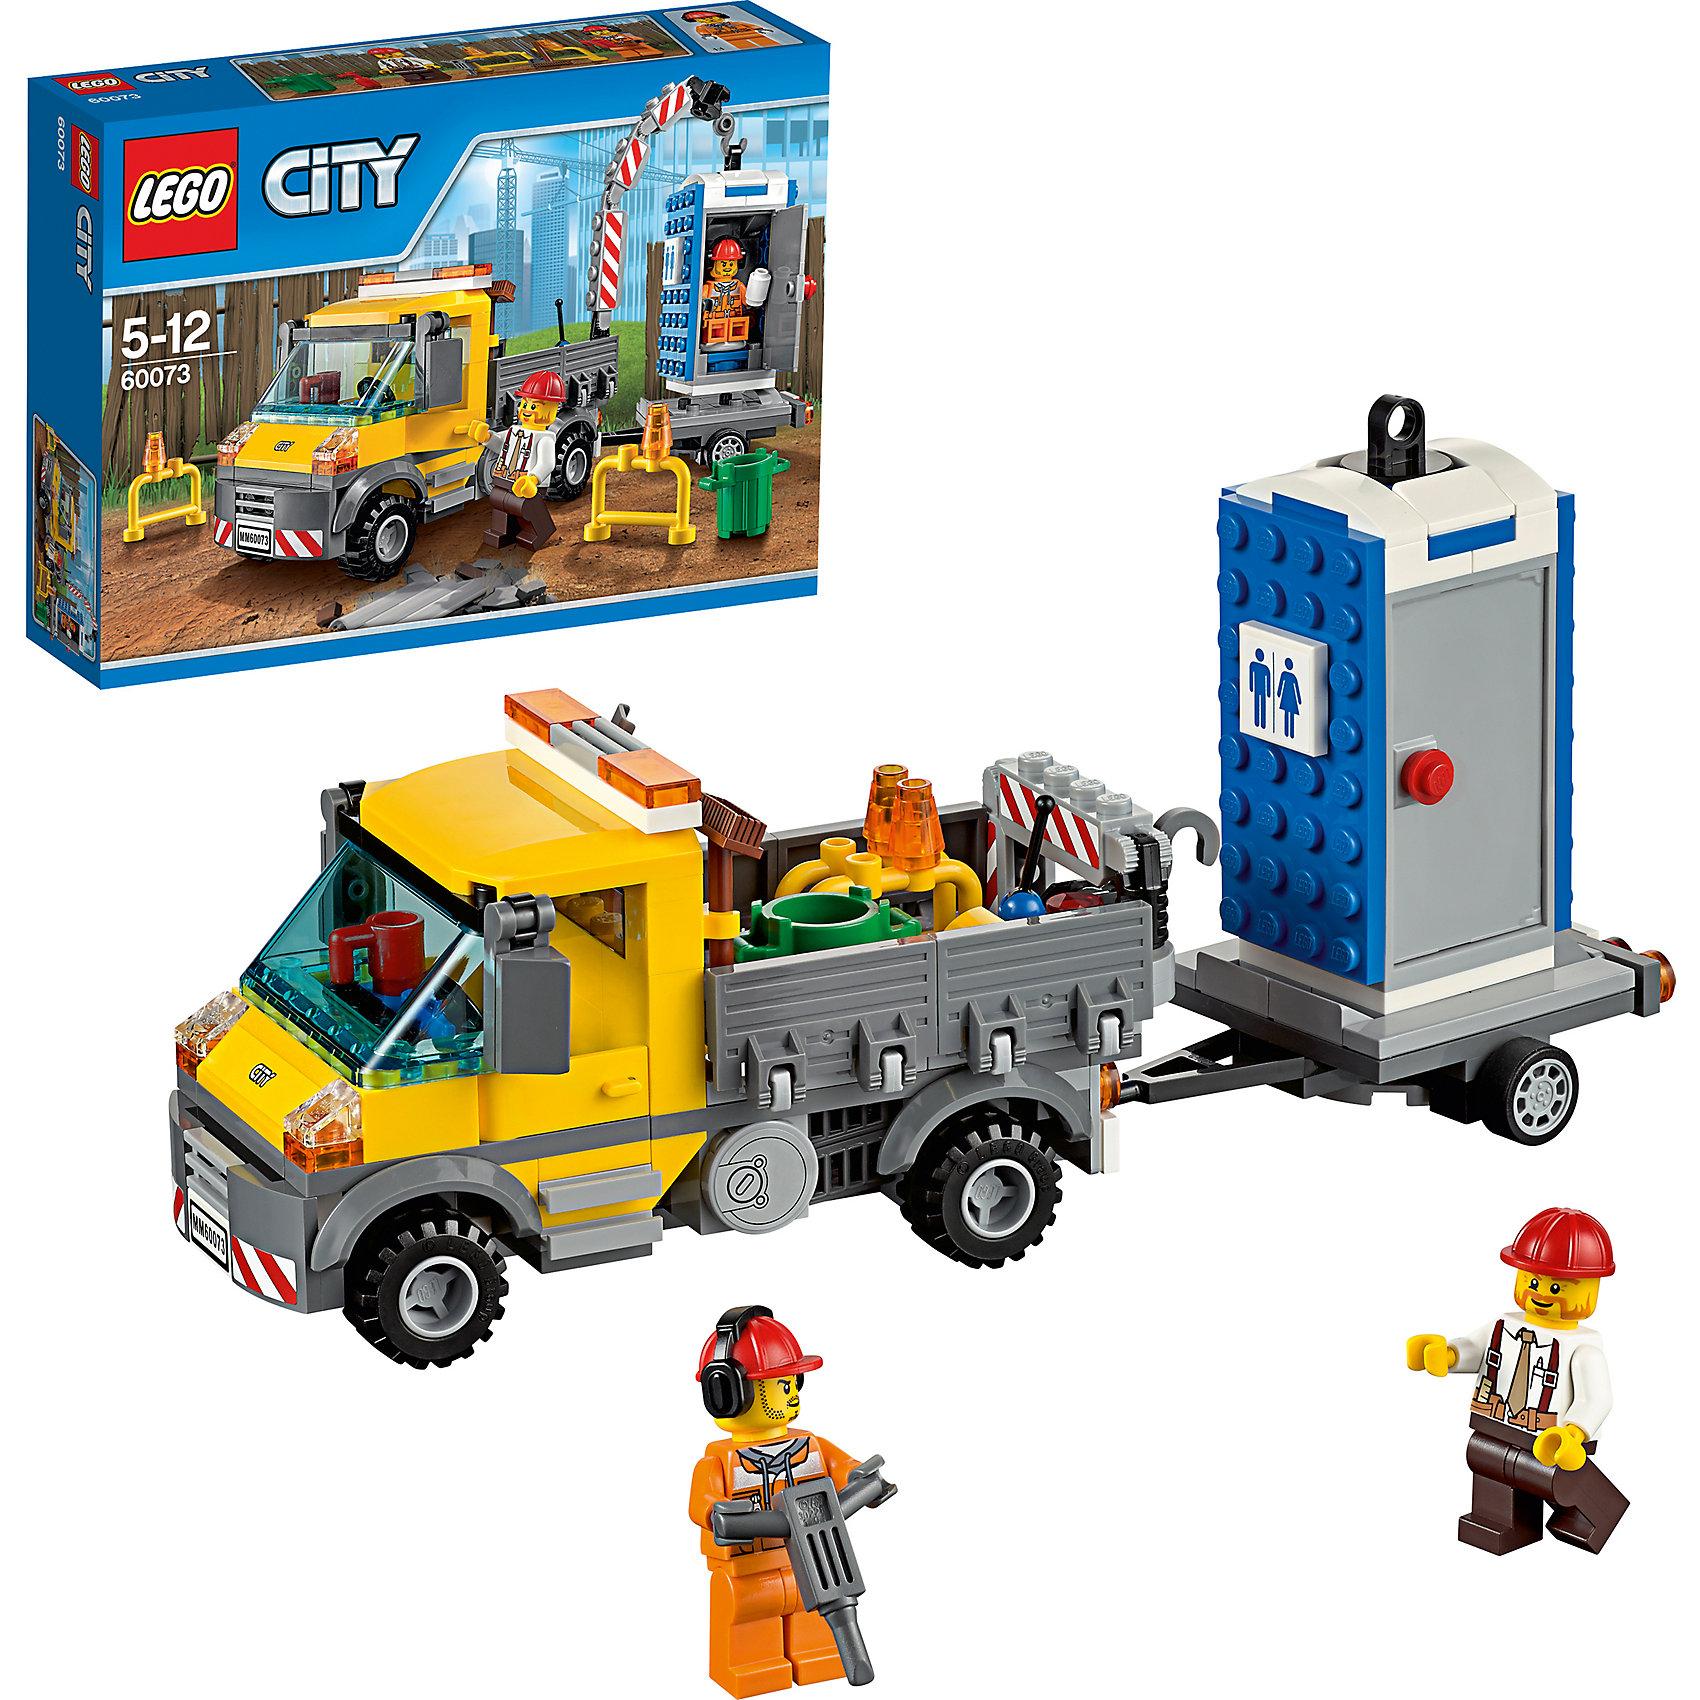 LEGO City 60073: Машина техобслуживанияLEGO City 60073: Машина техобслуживания. Пора перевозить биотуалет в другое место, здесь он уже не нужен - все строительные работы завершены. С помощью подъемного крана, установленного в задней части грузового автомобиля, водитель погружает туалет на платформу. Скорее помогай водителю. И, конечно, прежде чем начать проверь, не занят ли туалет.<br><br>LEGO City (ЛЕГО Сити) - серия детских конструкторов ЛЕГО, с помощью которого ваш ребенок может погрузиться в мир мегаполиса. Эта серия поможет ребенку понять, как устроена жизнь города, какие функции выполняют те или иные люди и техника. Предлагает на выбор огромное множество профессий, сфер деятельности и ситуаций, связанных с ними. <br><br>Дополнительная информация:<br><br>- Конструкторы ЛЕГО развивают усидчивость, внимание, фантазию и мелкую моторику. <br>- Комплектация: грузовик со складывающимся подъемным краном, биотуалет, грузовая платформа, отбойник, 2 заграждения, мусорное ведро, две минифигурки.<br>- В комплекте две минифигурки с аксессуарами: водитель и рабочий.<br>- Количество деталей: 233 шт.<br>- Серия ЛЕГО Сити (LEGO City ).<br>- Материал: пластик.<br>- Размер упаковки: 19,1 х 6,1 х 26,2см.<br>- Вес:  0.423 кг.<br><br>Конструктор LEGO City ( ЛЕГО Сити)60073: Машина техобслуживания можно купить в нашем магазине.<br><br>Ширина мм: 266<br>Глубина мм: 188<br>Высота мм: 65<br>Вес г: 375<br>Возраст от месяцев: 60<br>Возраст до месяцев: 144<br>Пол: Мужской<br>Возраст: Детский<br>SKU: 3786152